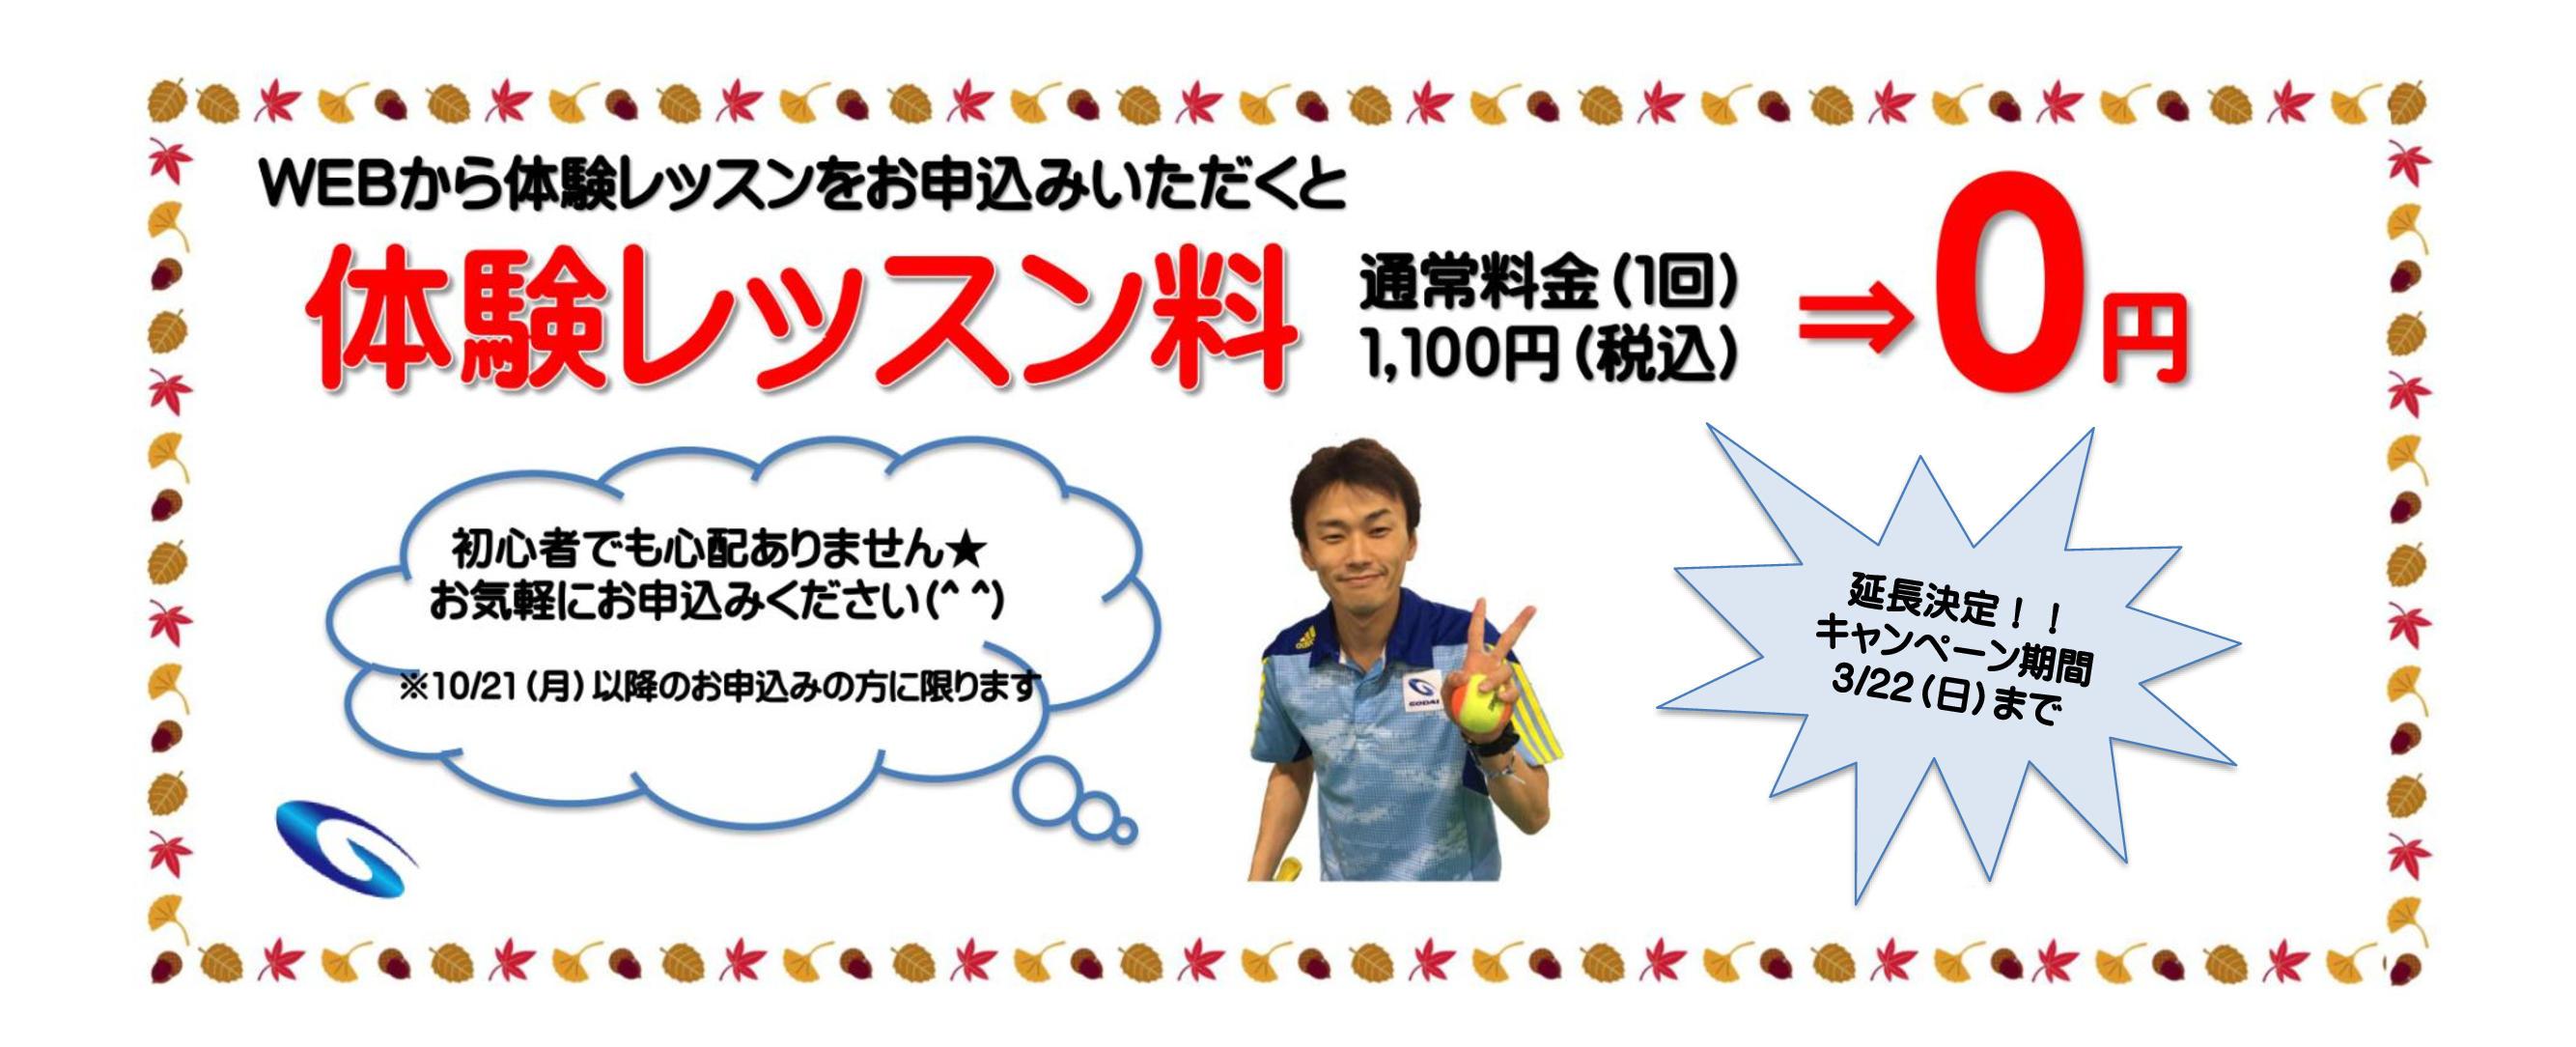 WEB申し込みで体験レッスン料無料!!